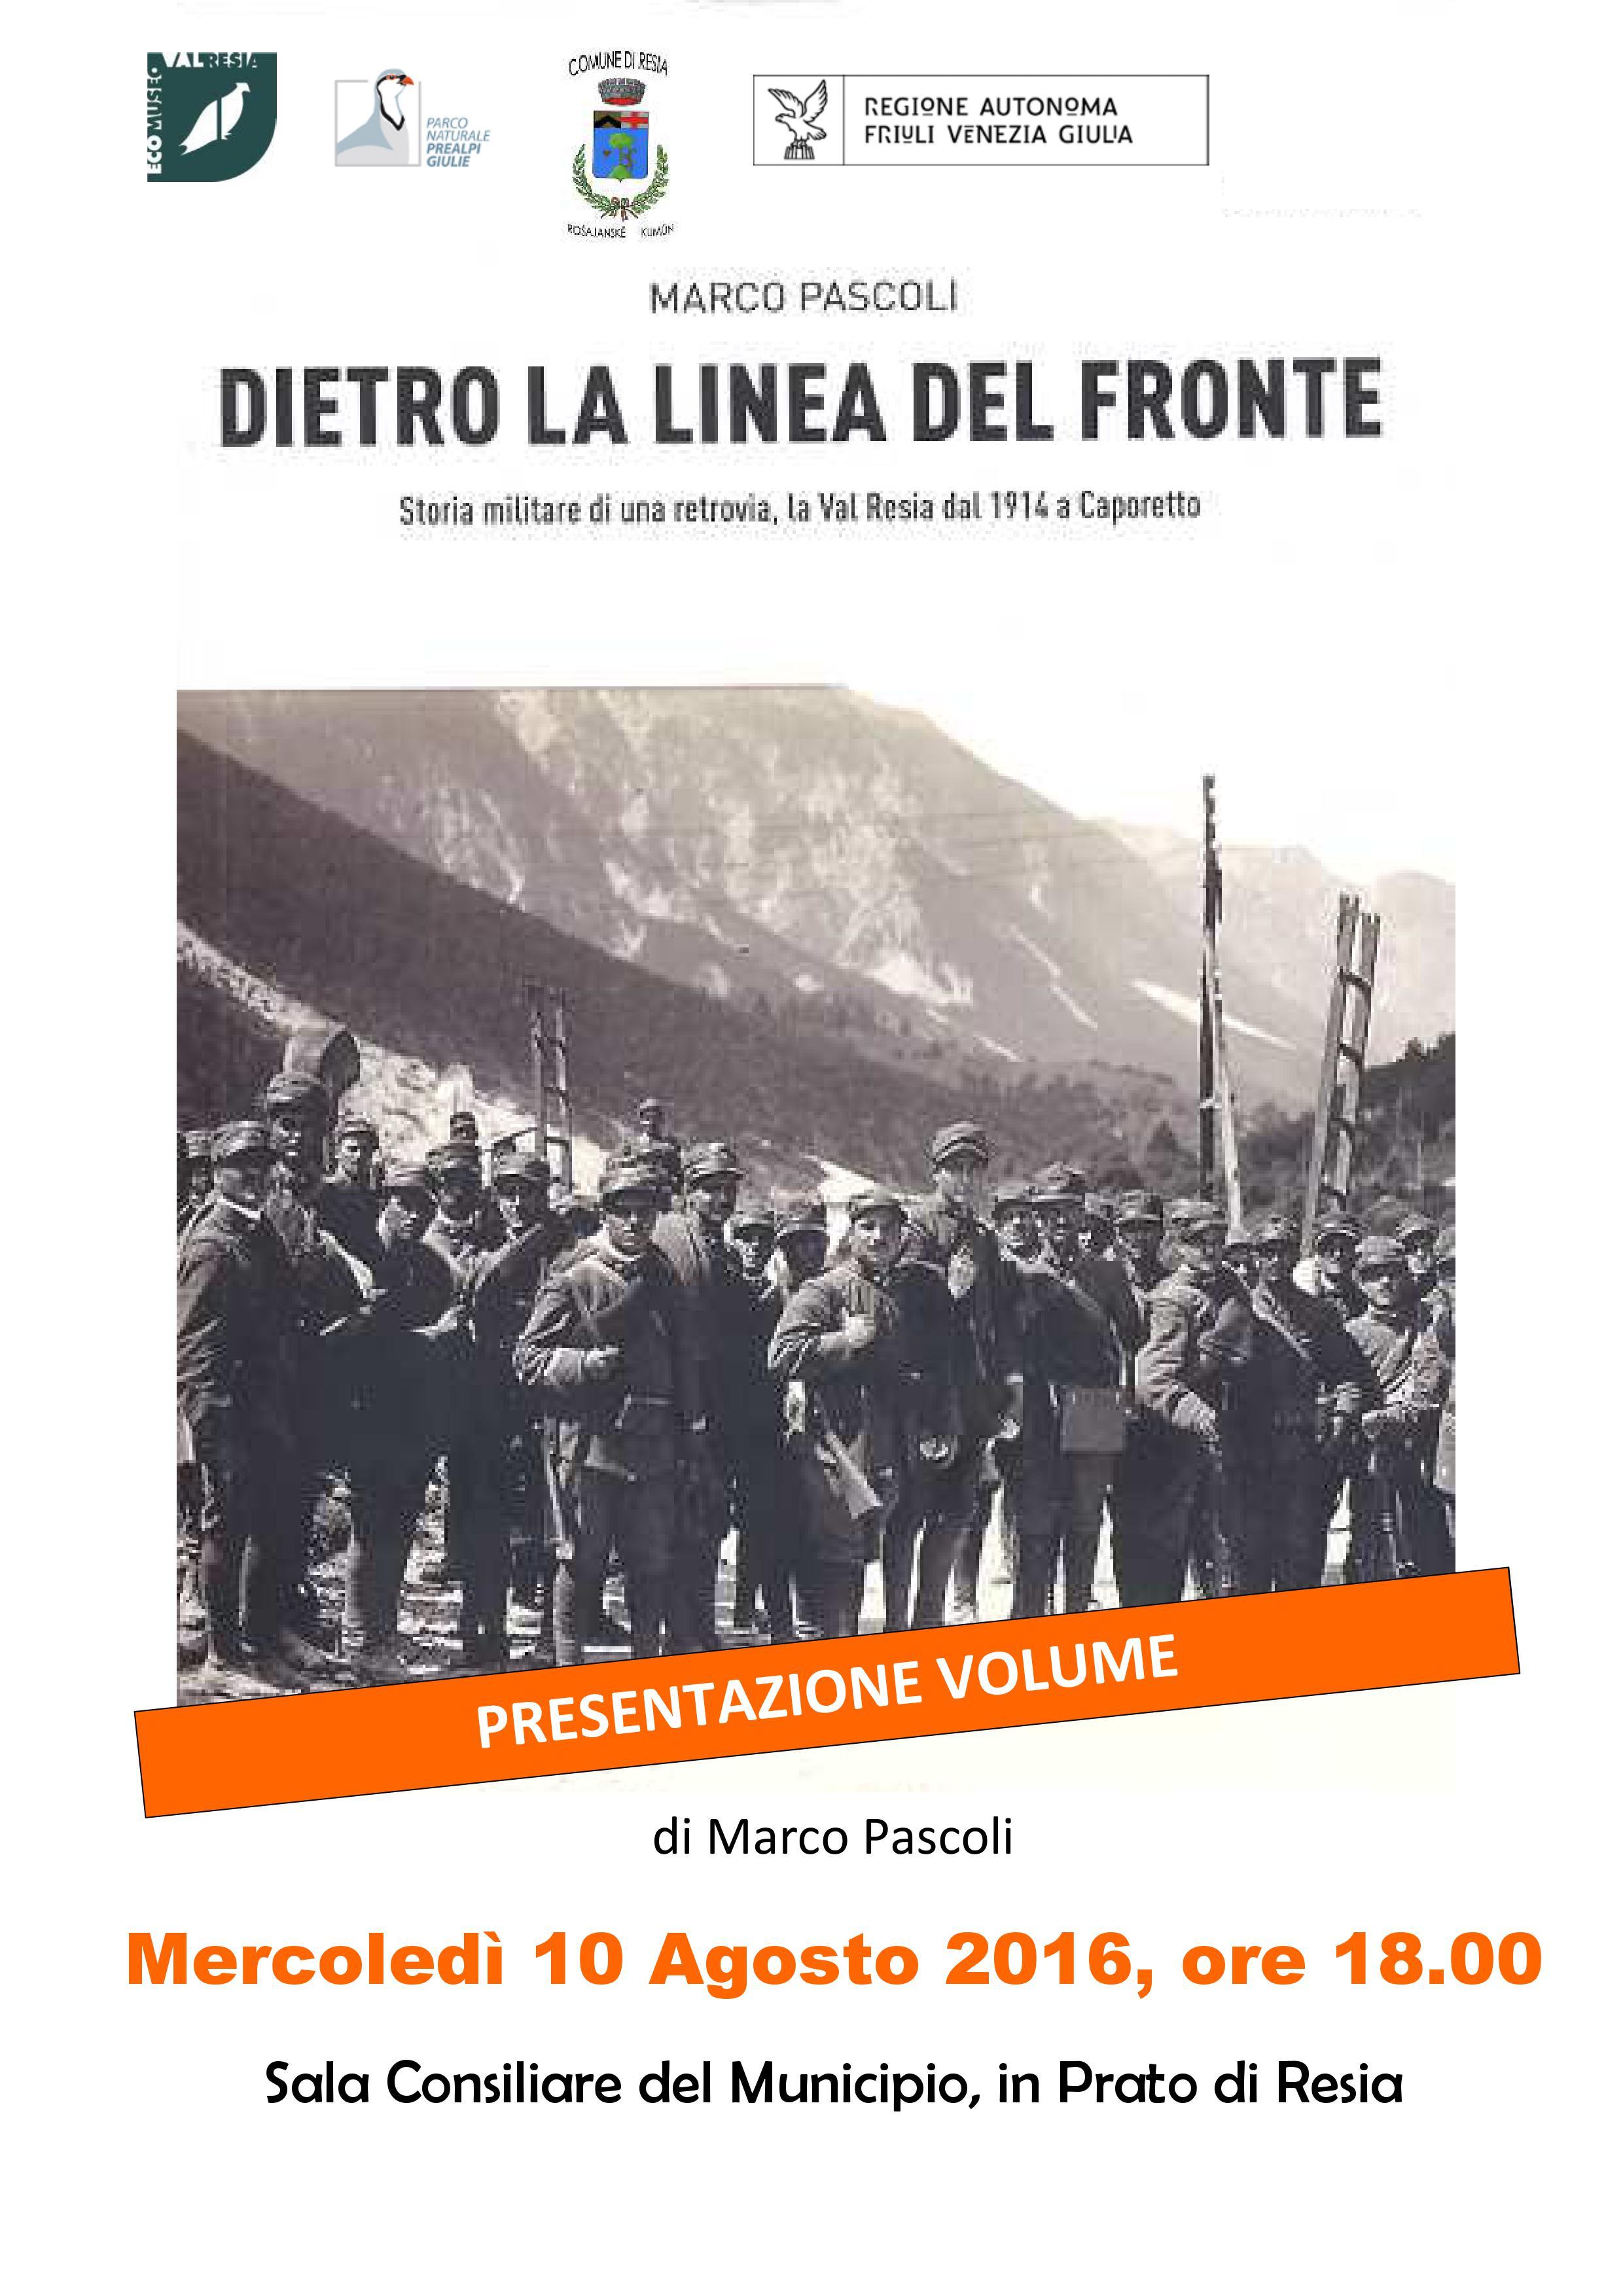 locandina presentazione libro pascoli dietro la linea del fronte